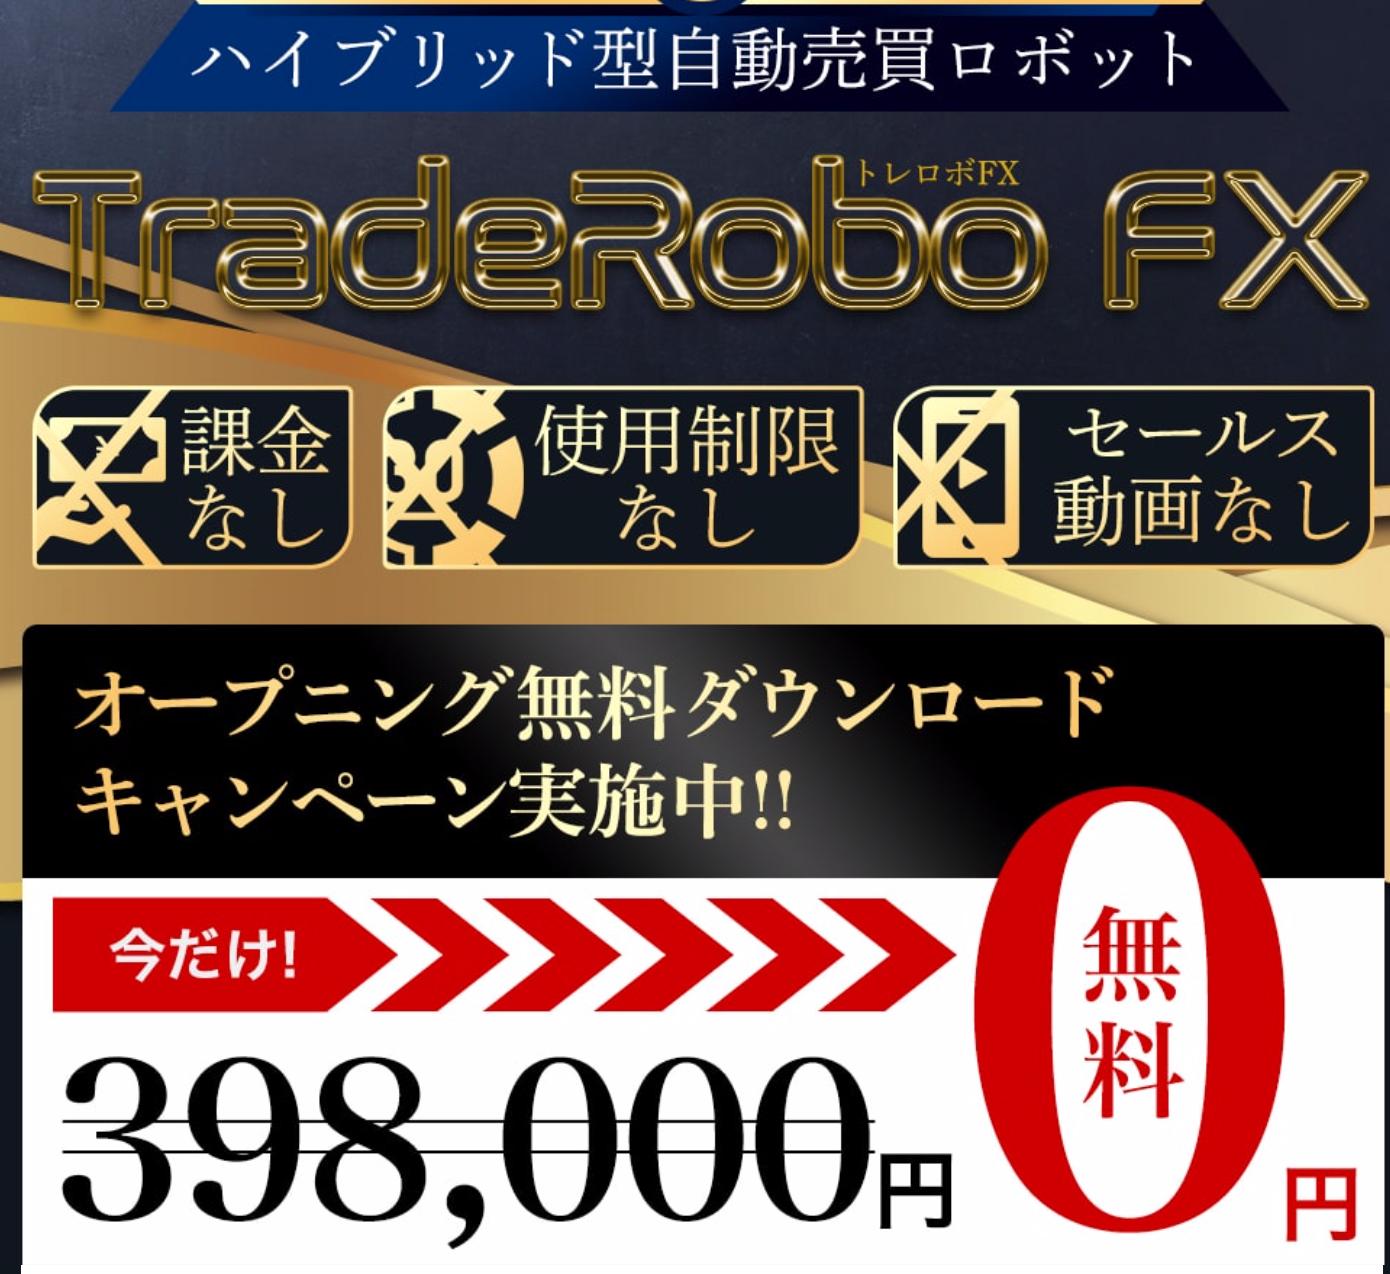 西島涼介 TradeRobo FX トレロボFXって一体なに?稼げるのか? 評判 口コミ 詐欺 返金 ネットビジネス裁判官が独自の視点で検証していきます。